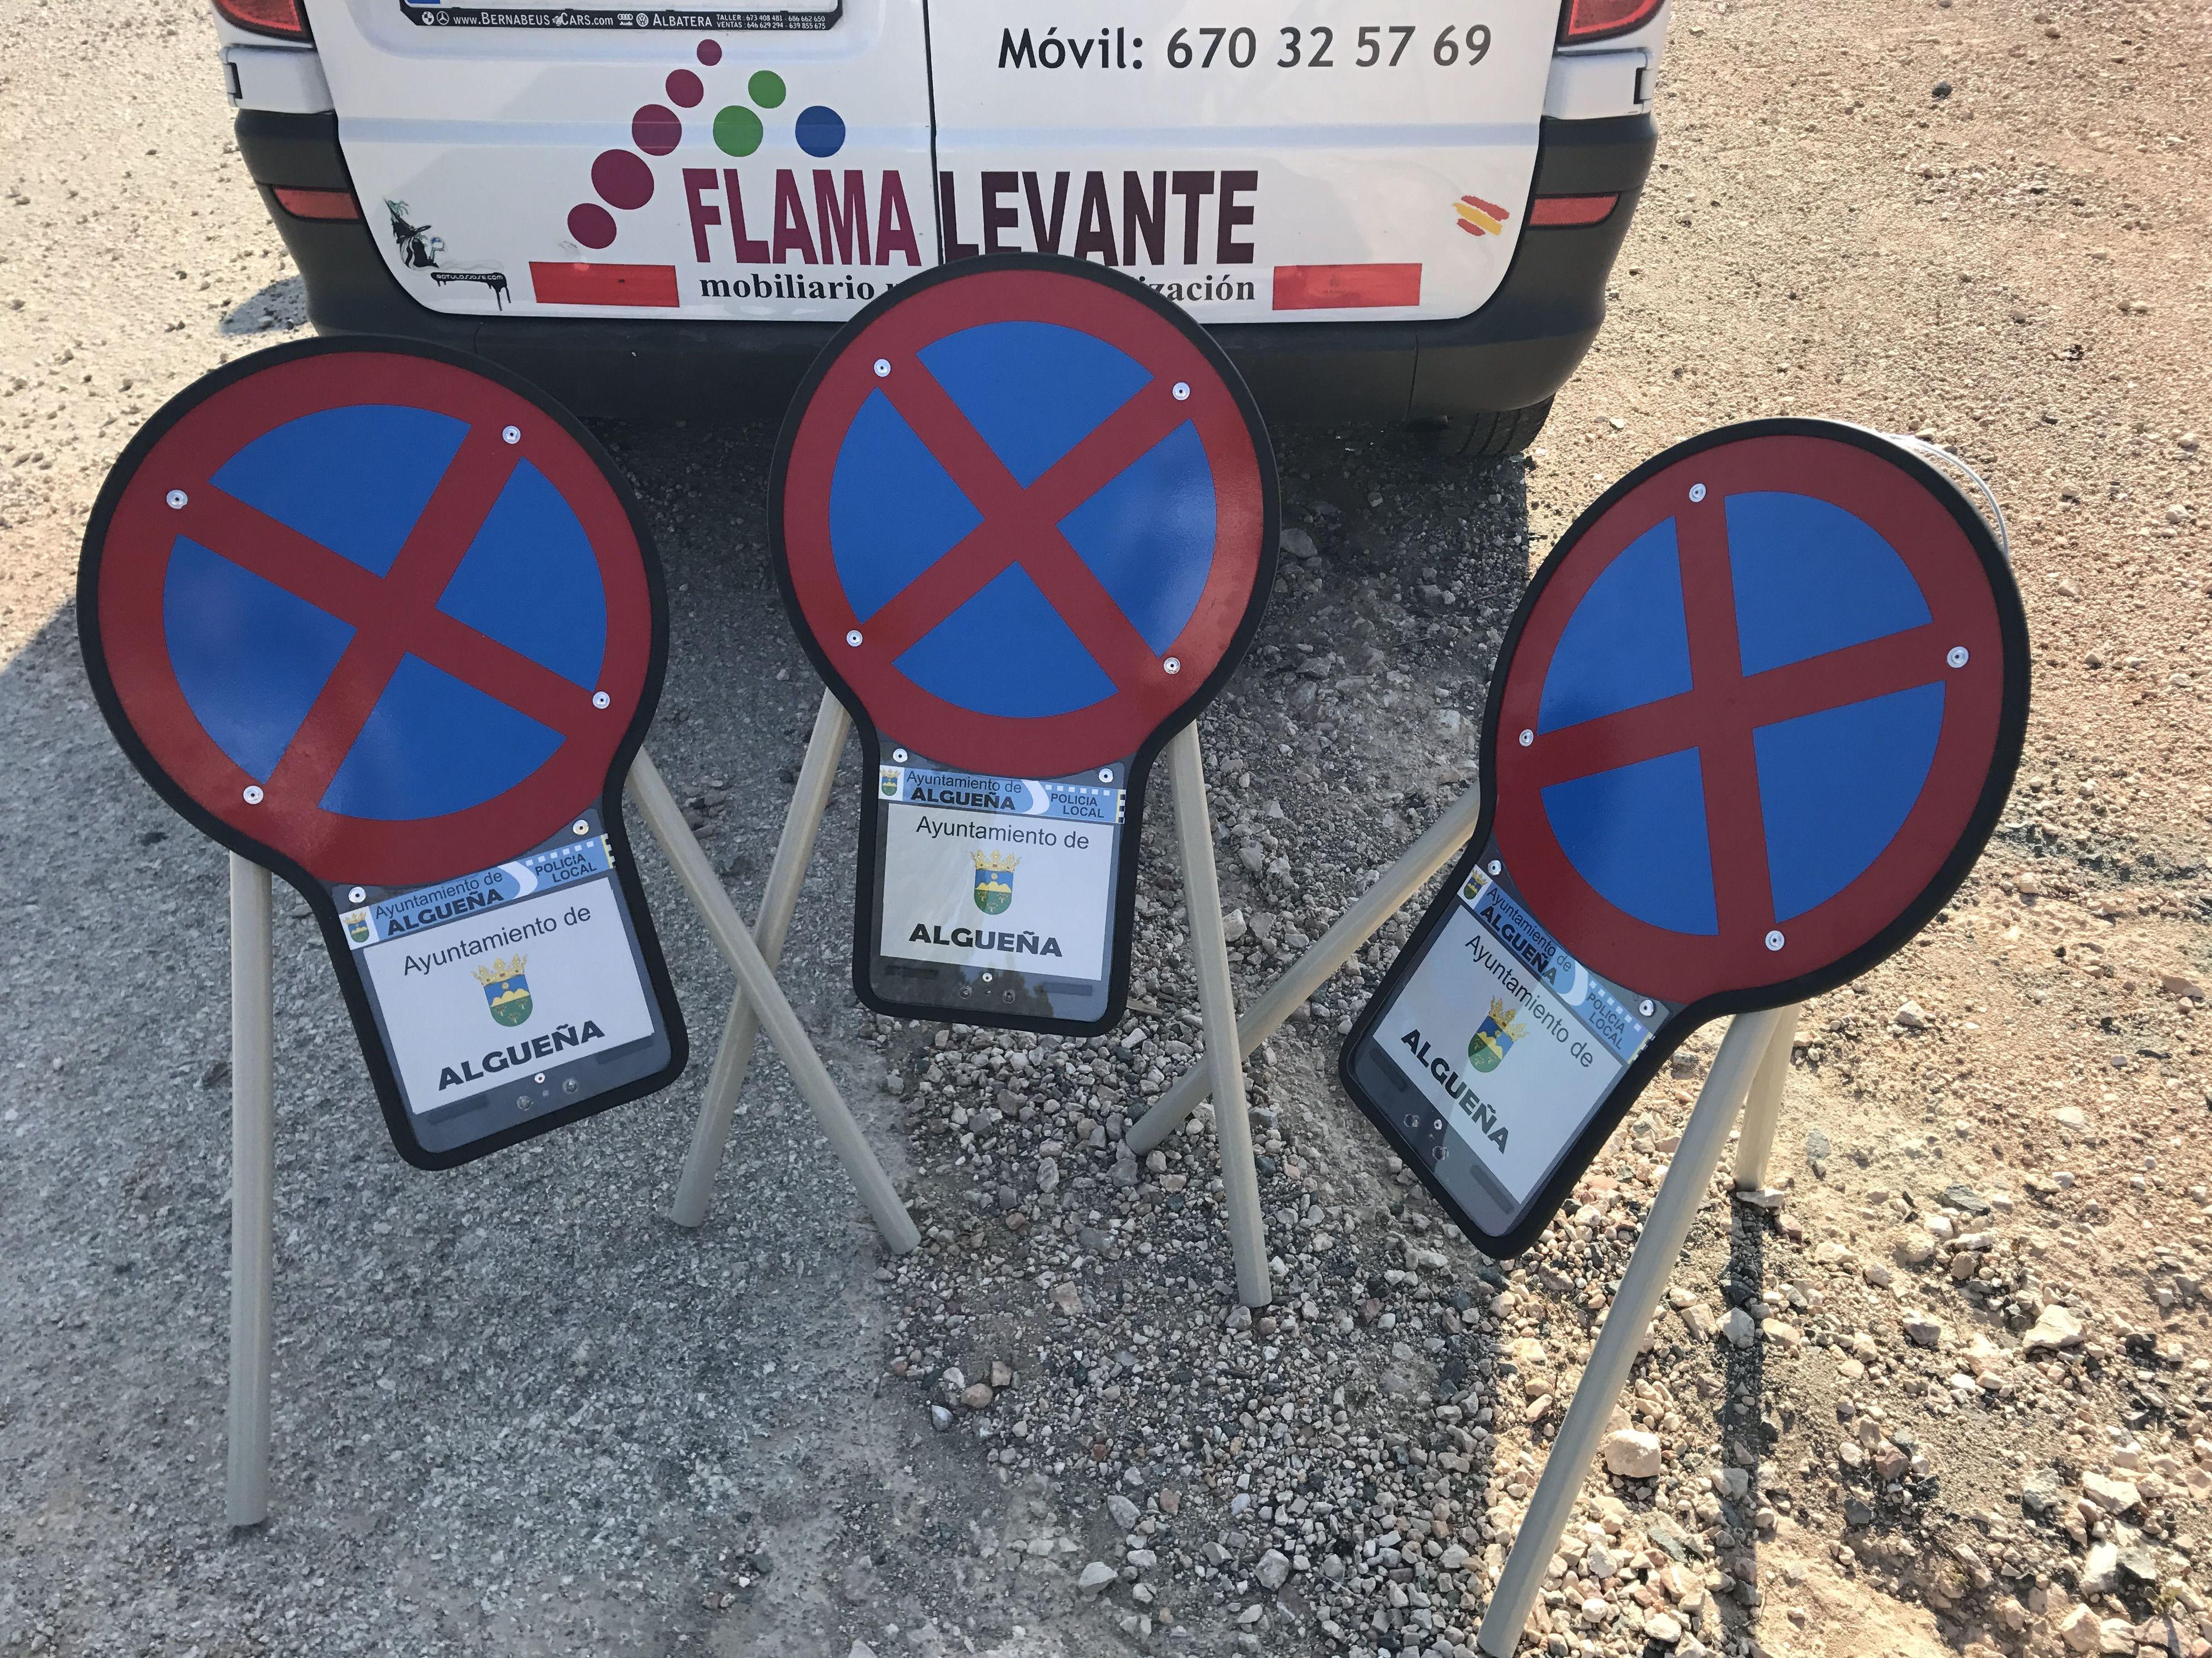 Foto 13 de Mobiliario urbano en Albatera | Flama Levante